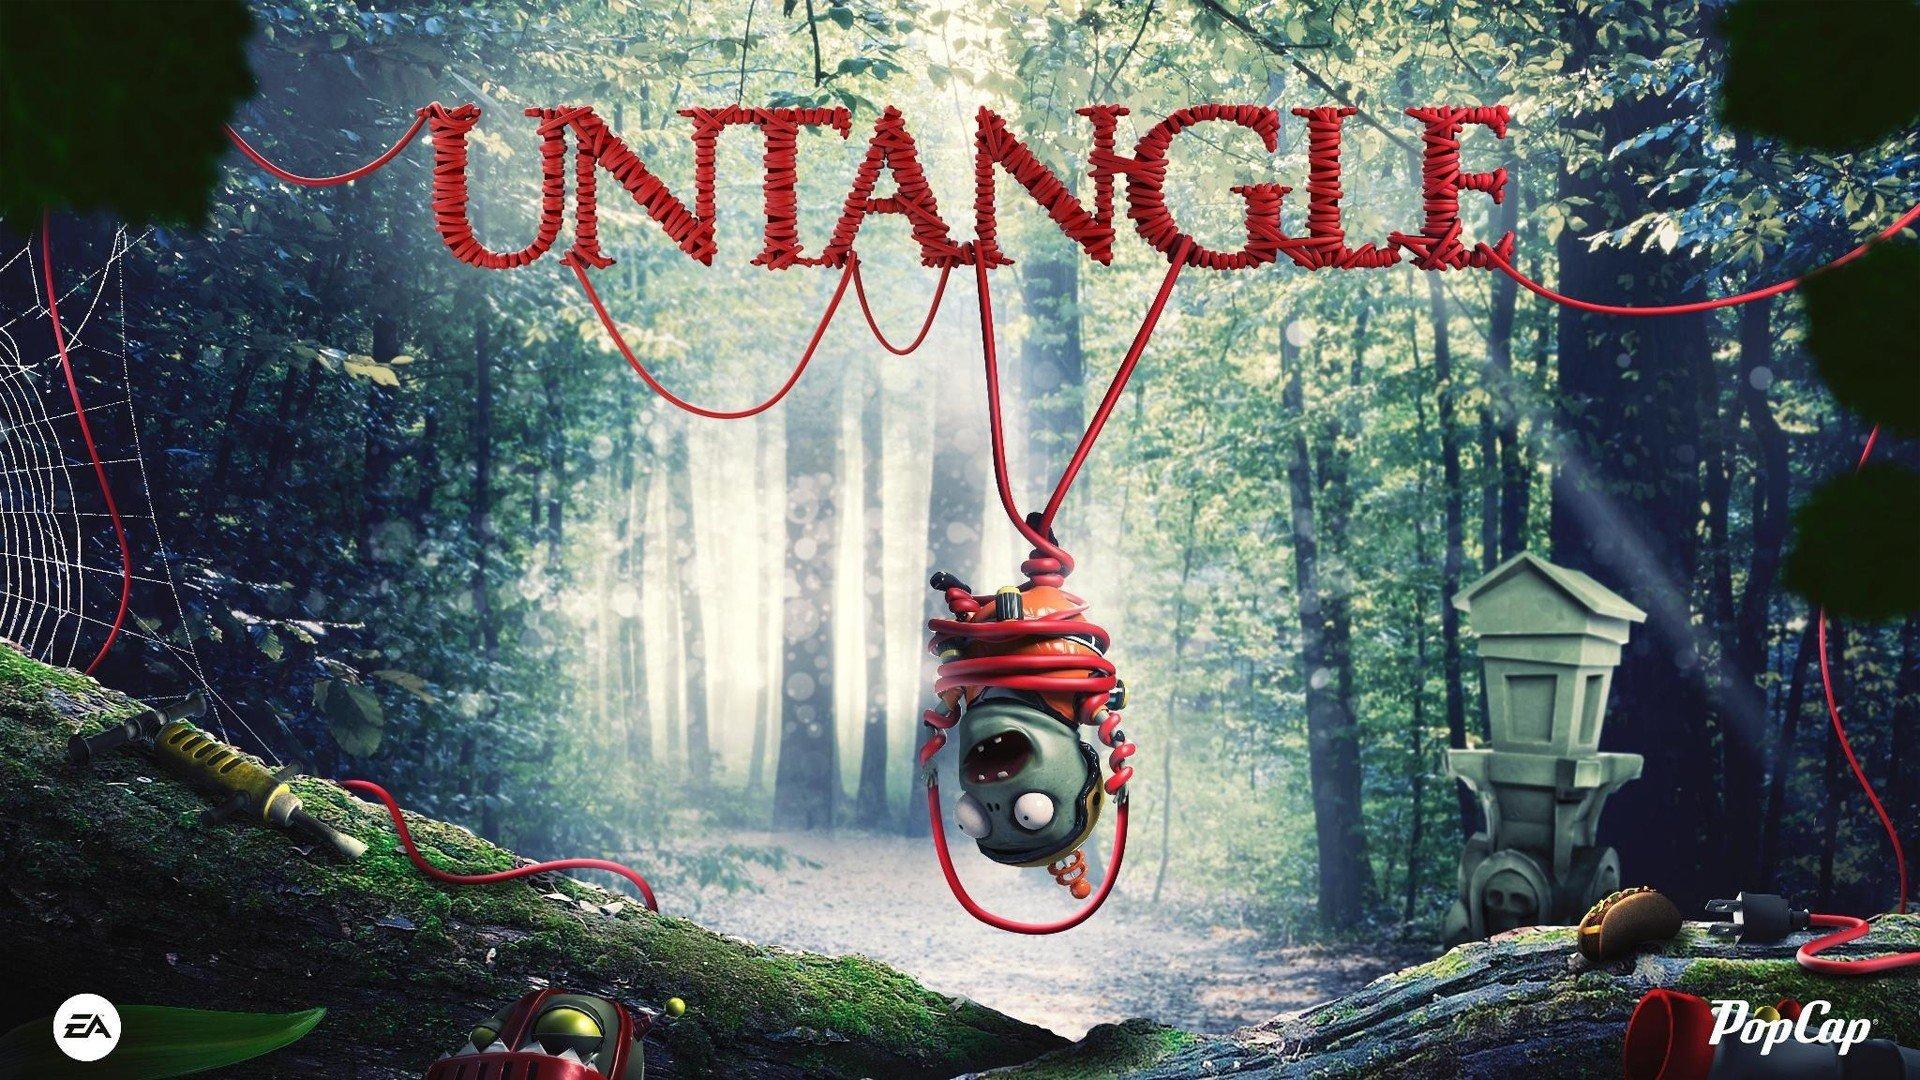 Fondo de pantalla de Juego Untangle Imágenes